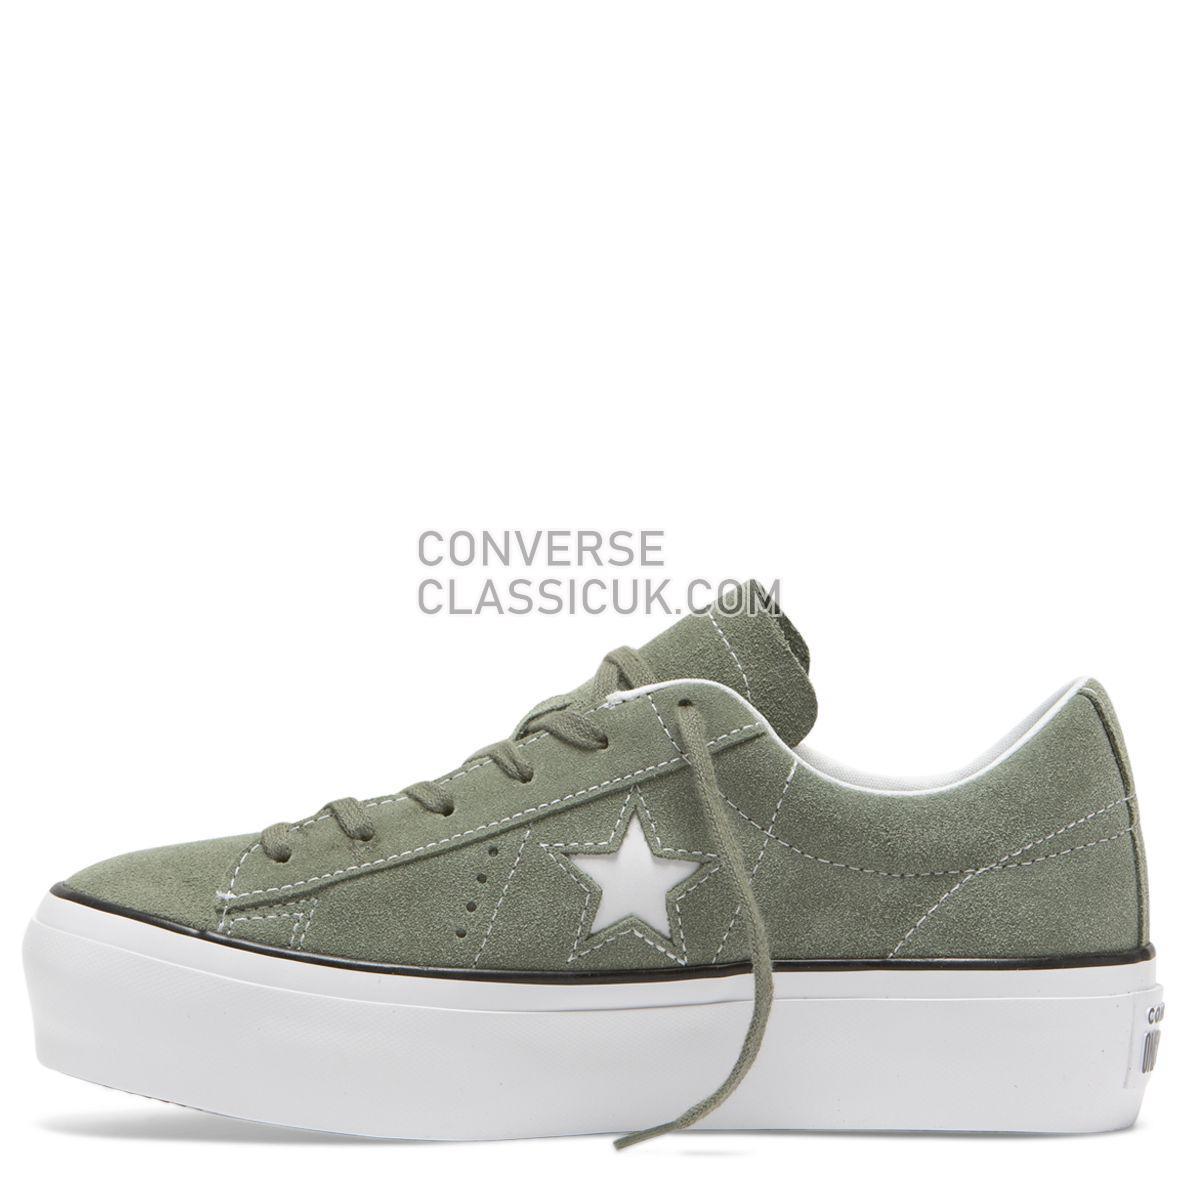 Converse One Star Platform Low Top Vintage Lichen Womens 564383 Vintage Lichen/Black/White Shoes